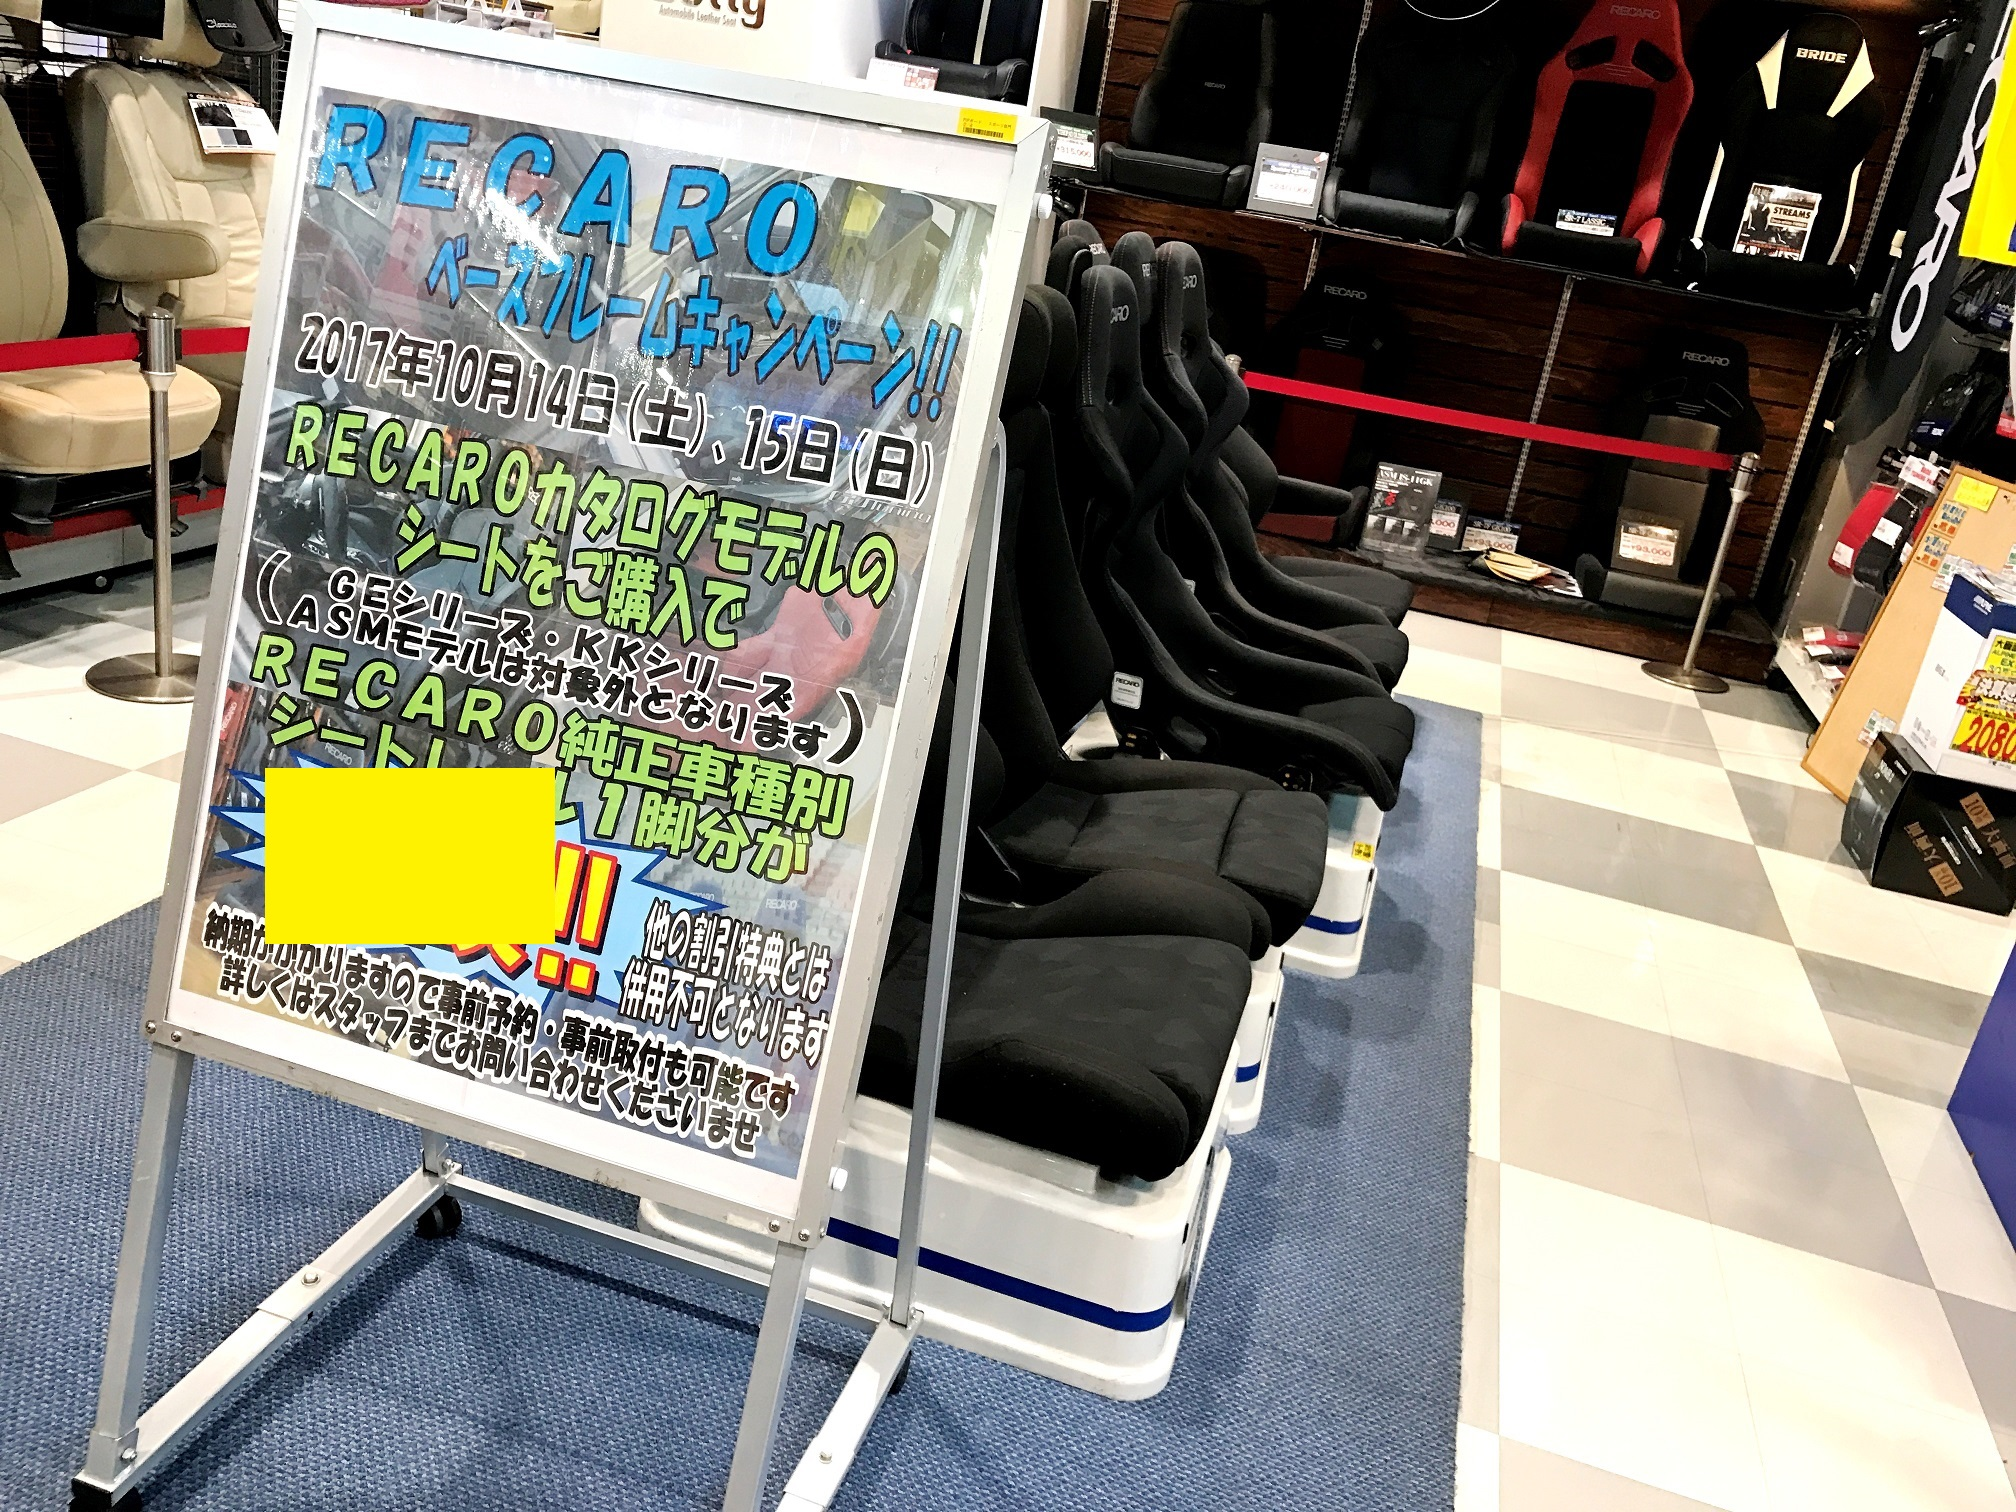 【イベント情報】 RECAROベースフレームキャンペーン!!